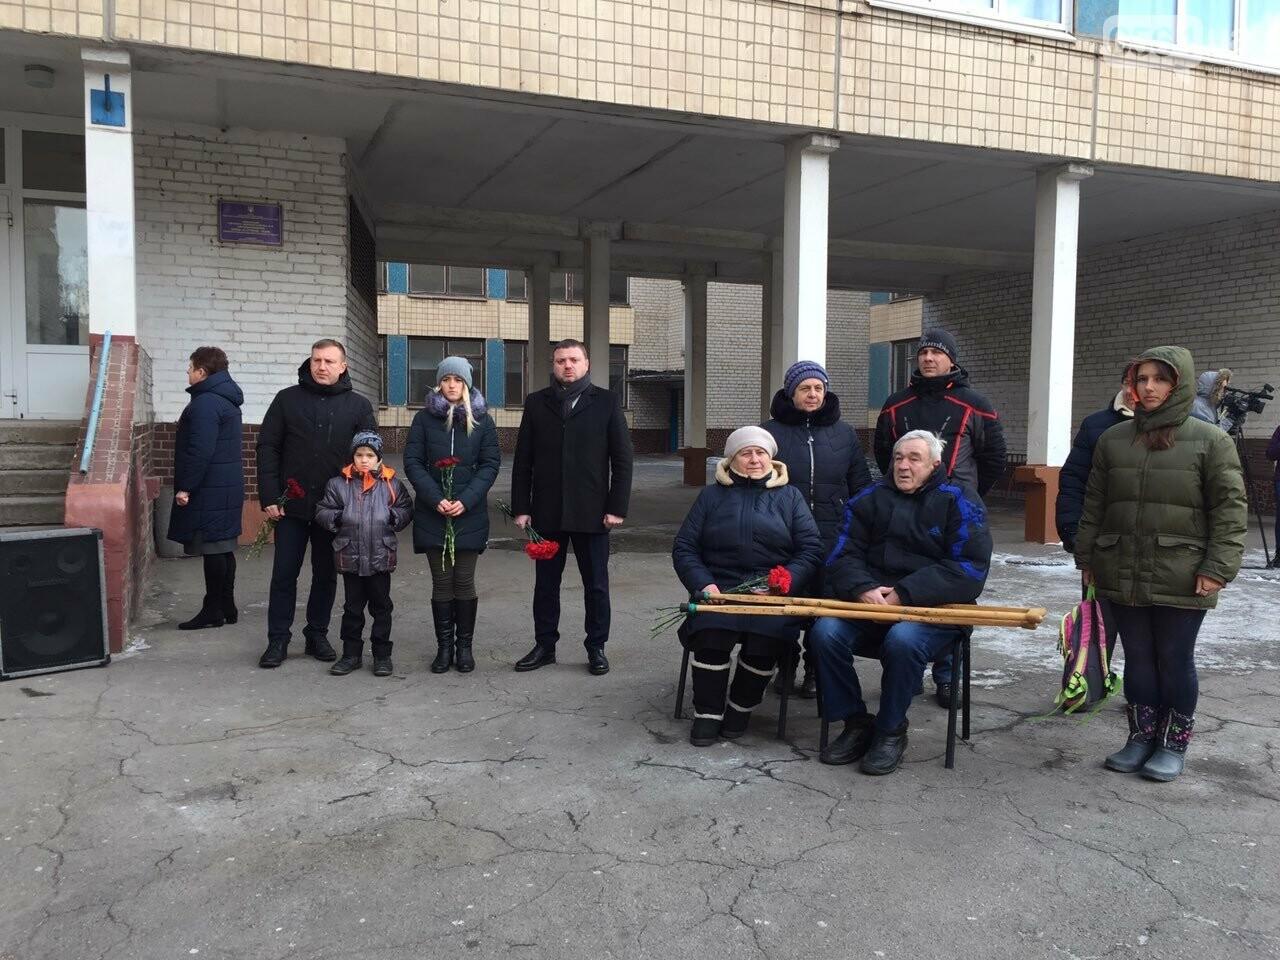 В криворожской школе открыли мемориальную доску в память о героически погибшем выпускнике - ФОТО, фото-6